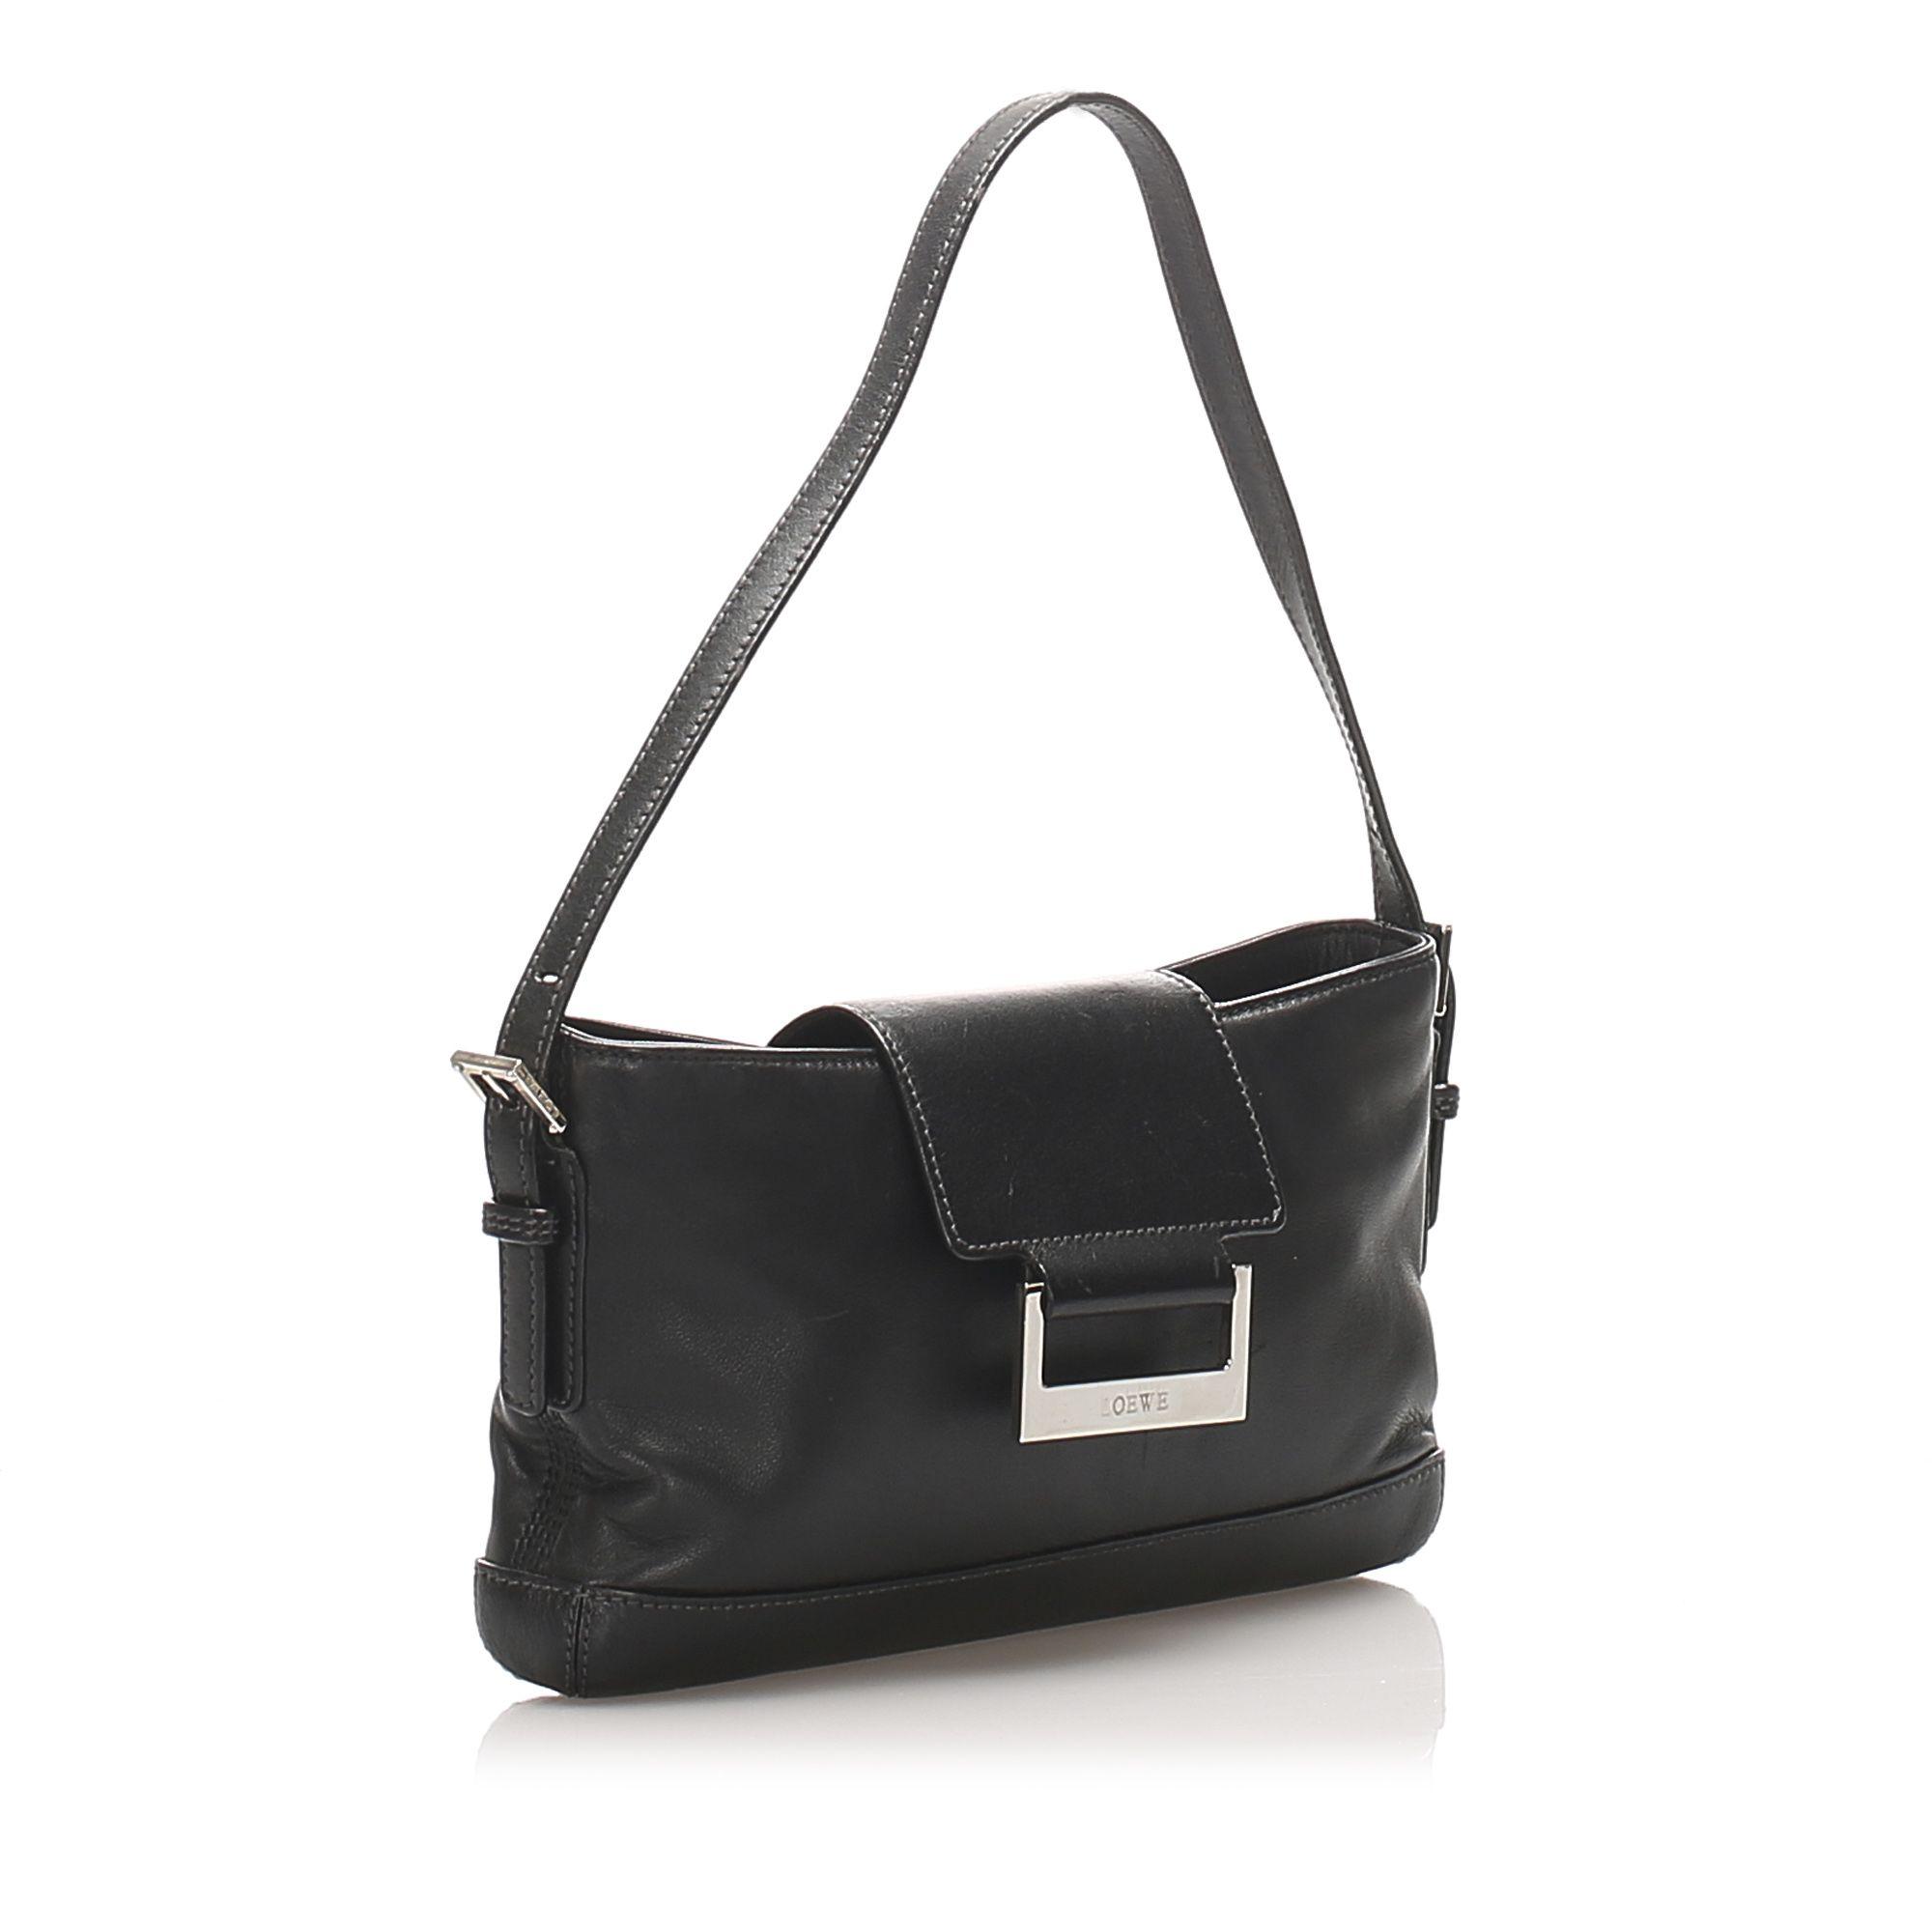 Vintage Loewe Leather Baguette Black